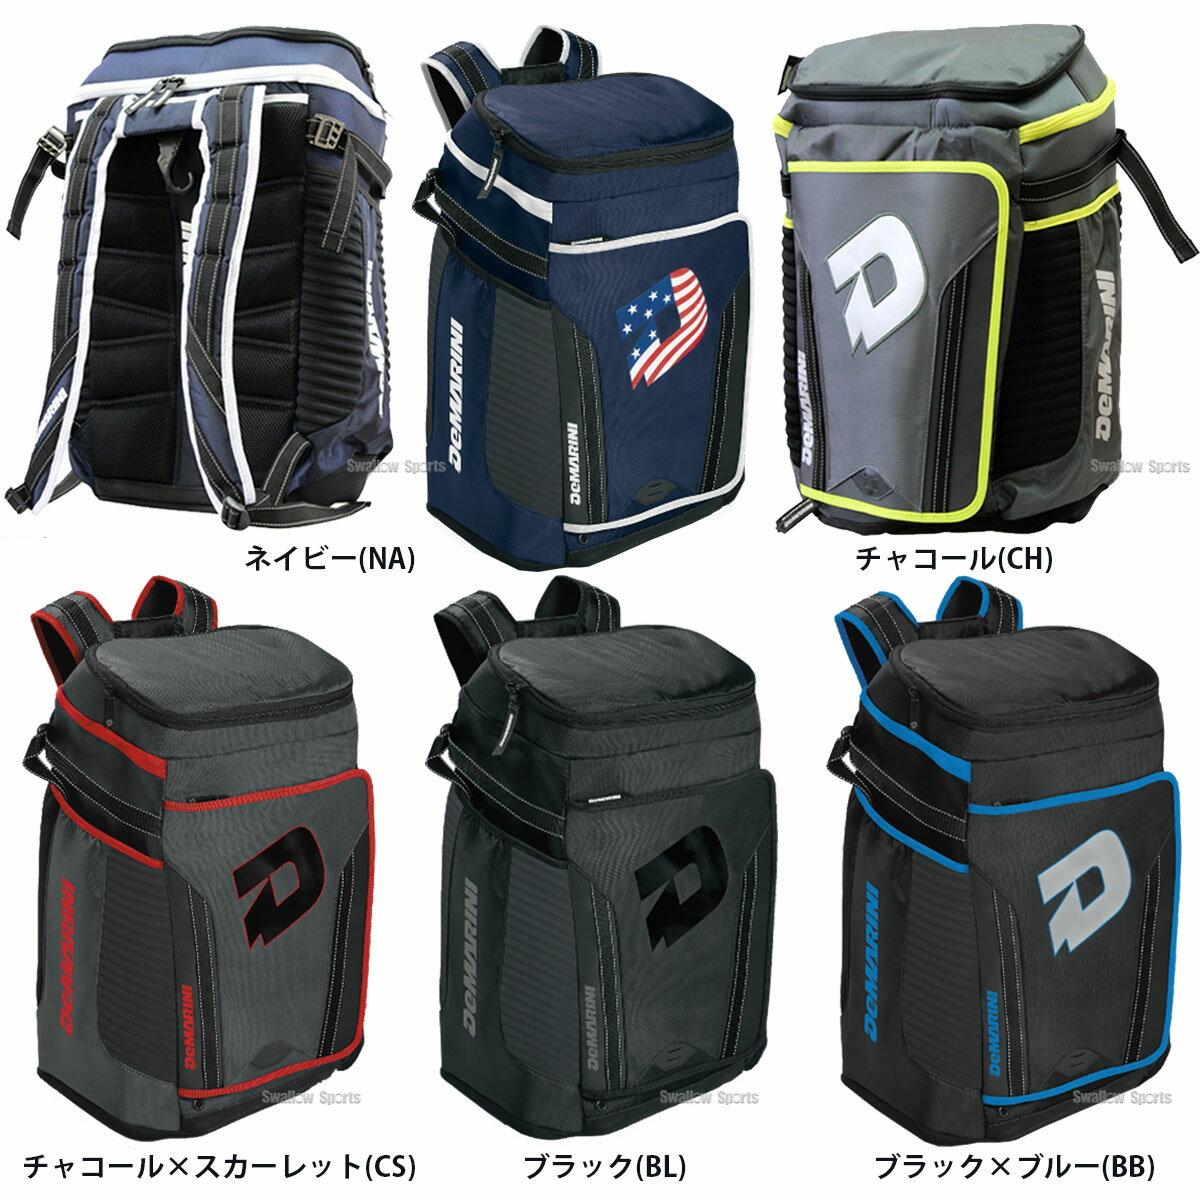 ウィルソン ディマリニ DEMARINI 限定 バックパック バッグ WTD9408 【SALE】 野球用品 スワロースポーツ